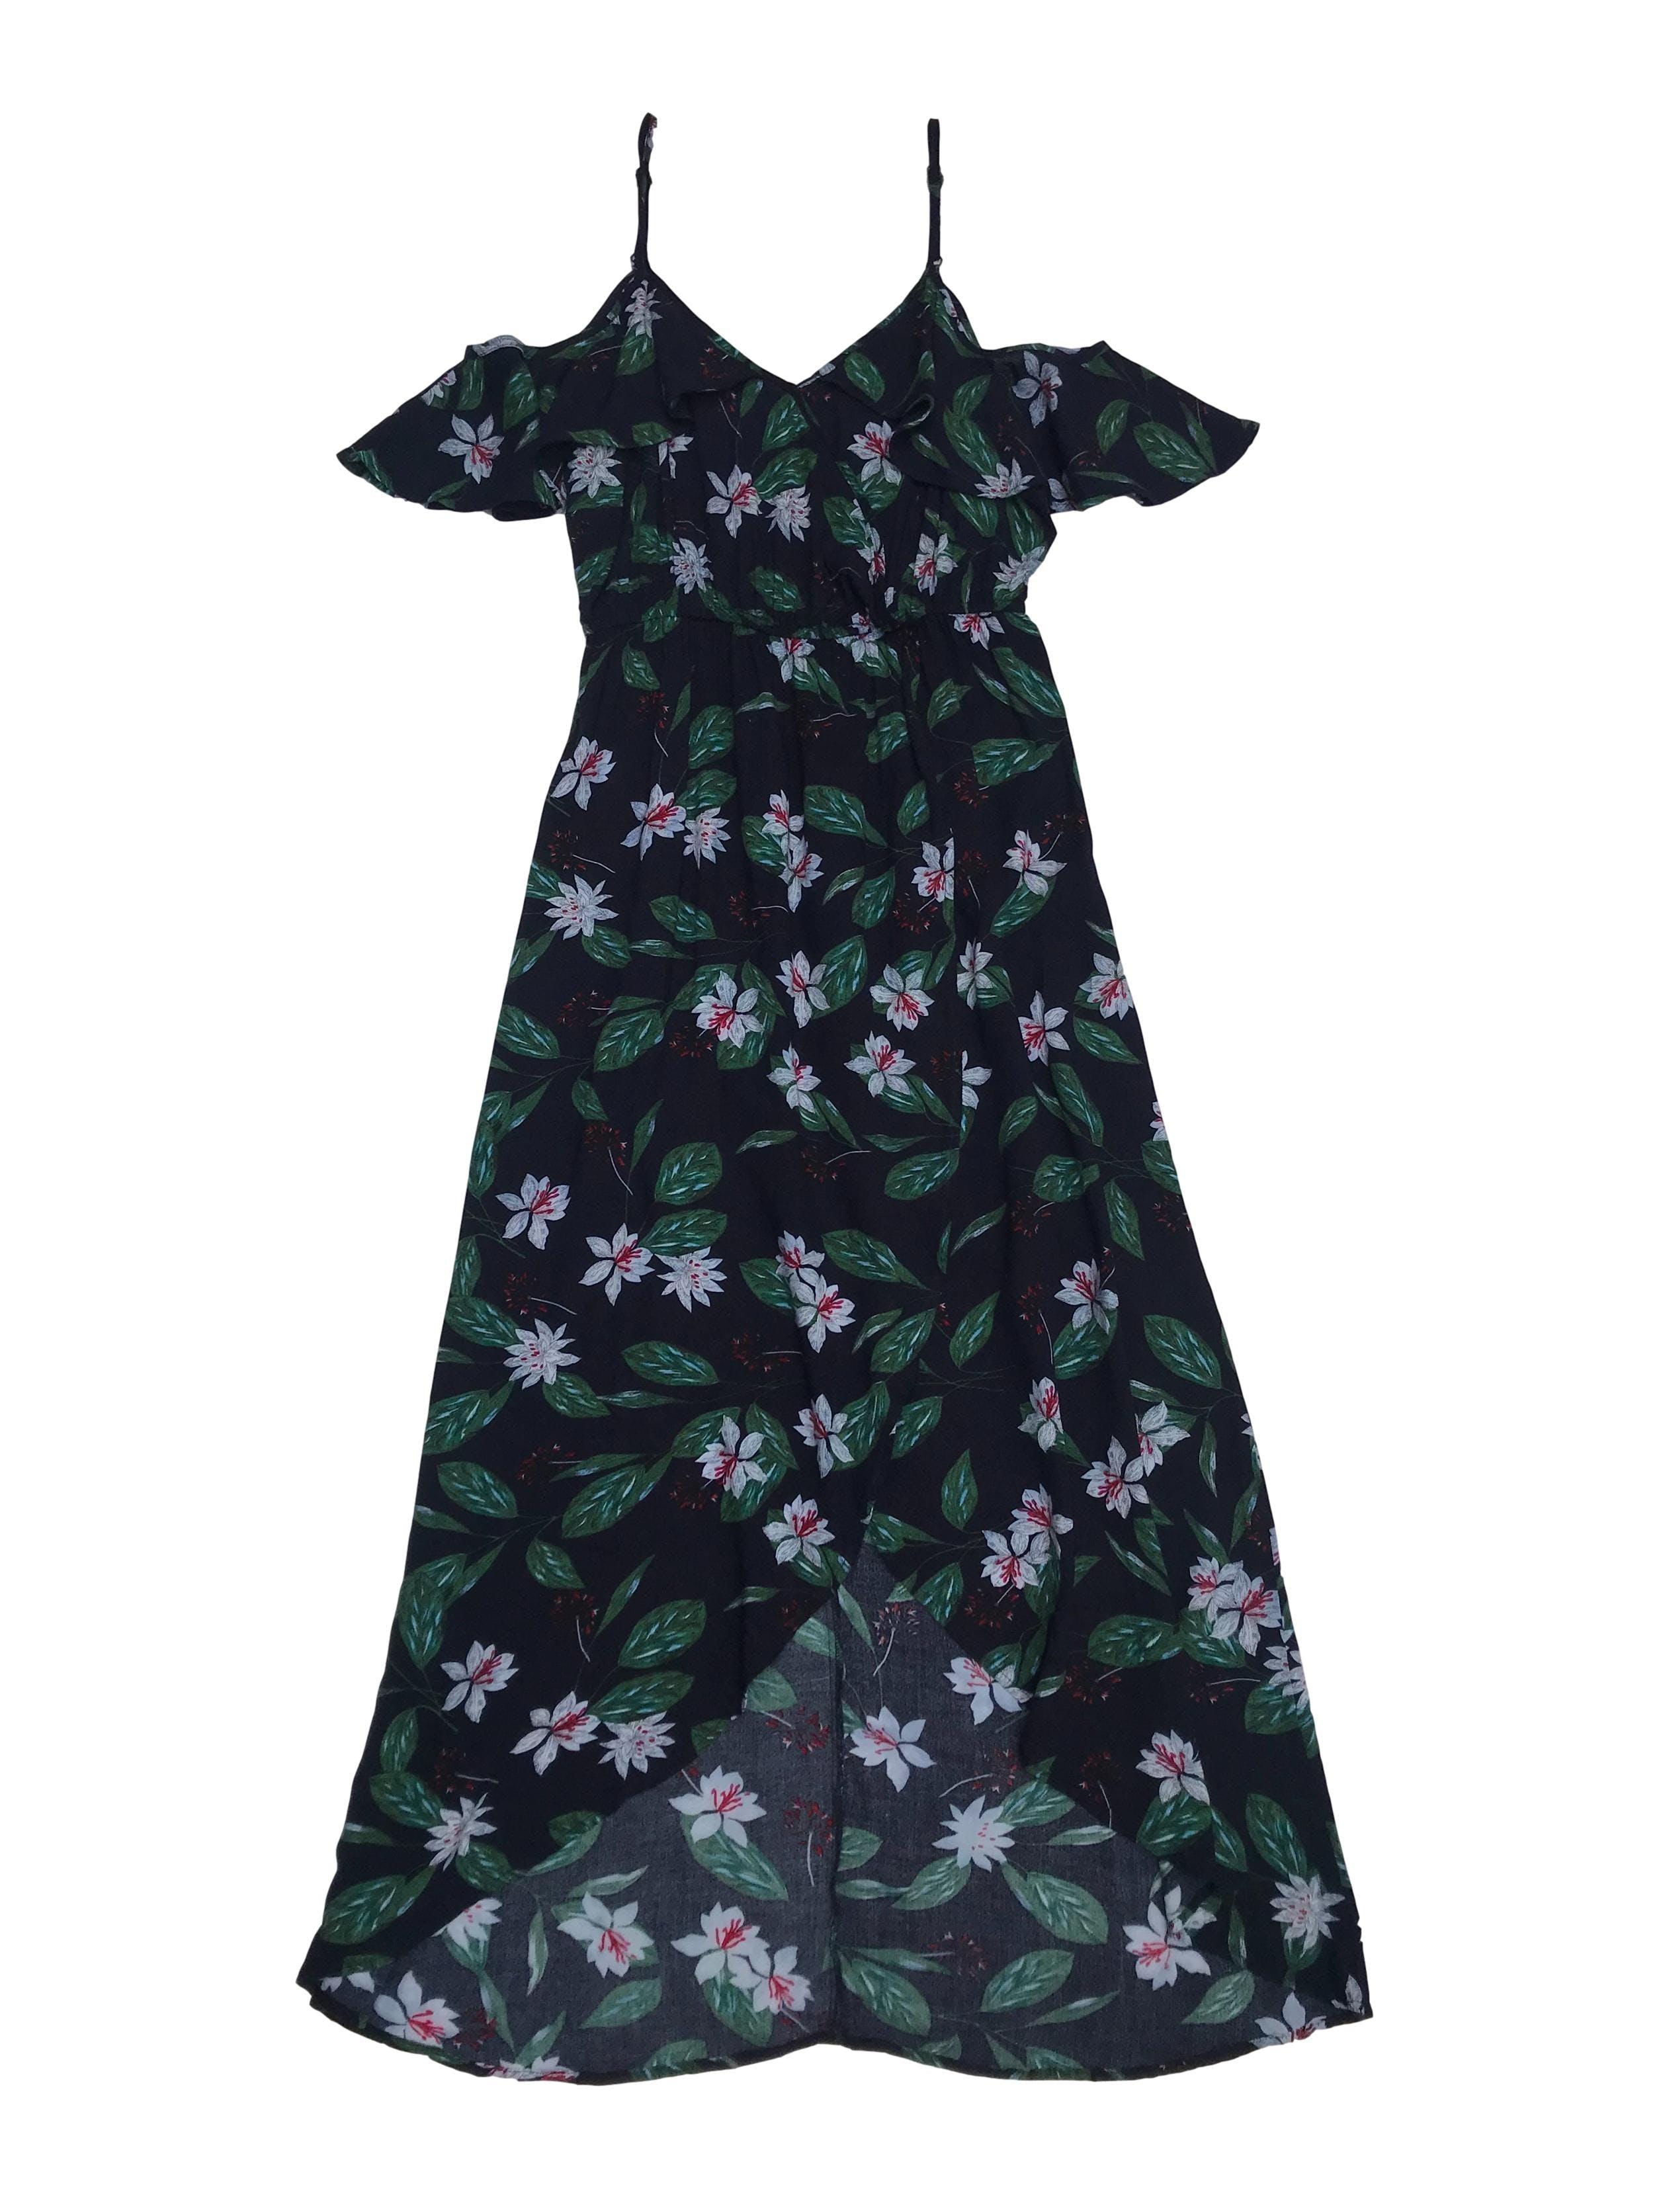 Vestido largo de tiritas y hombros descubiertos, azul con estampado de flores